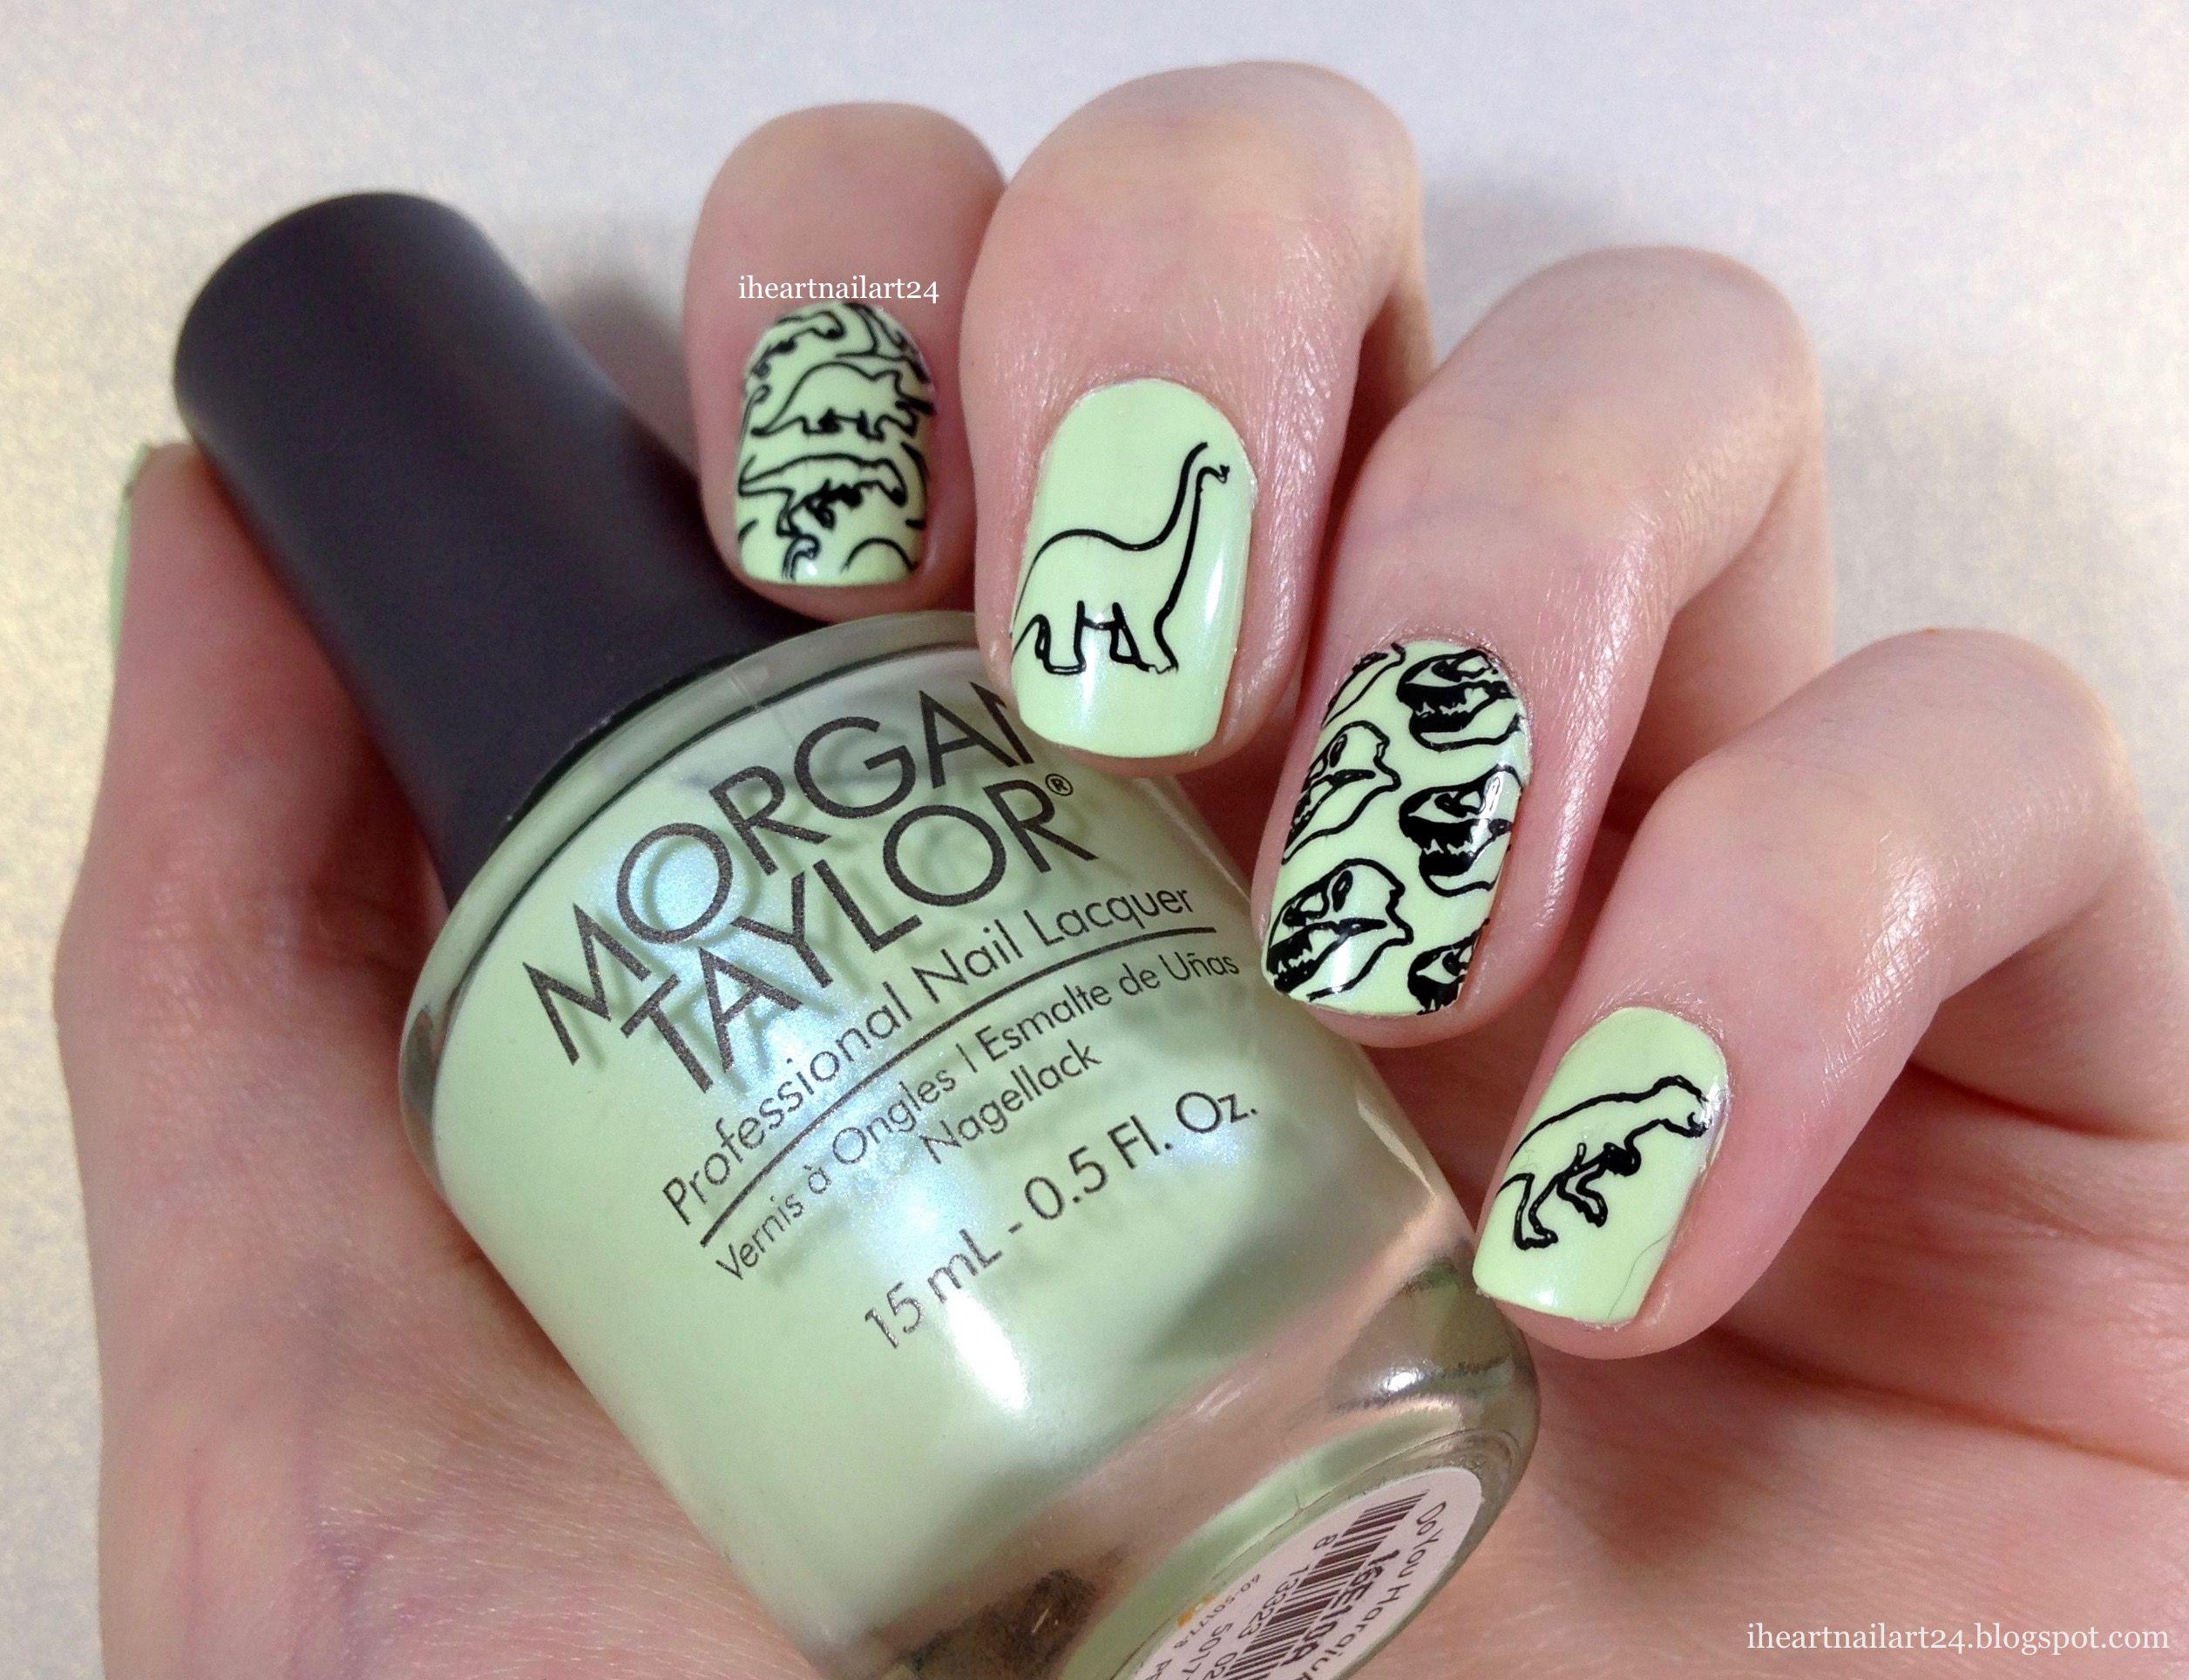 Dinosaur Stamped Nail Art Nails Cute Acrylic Nails Long Square Nails